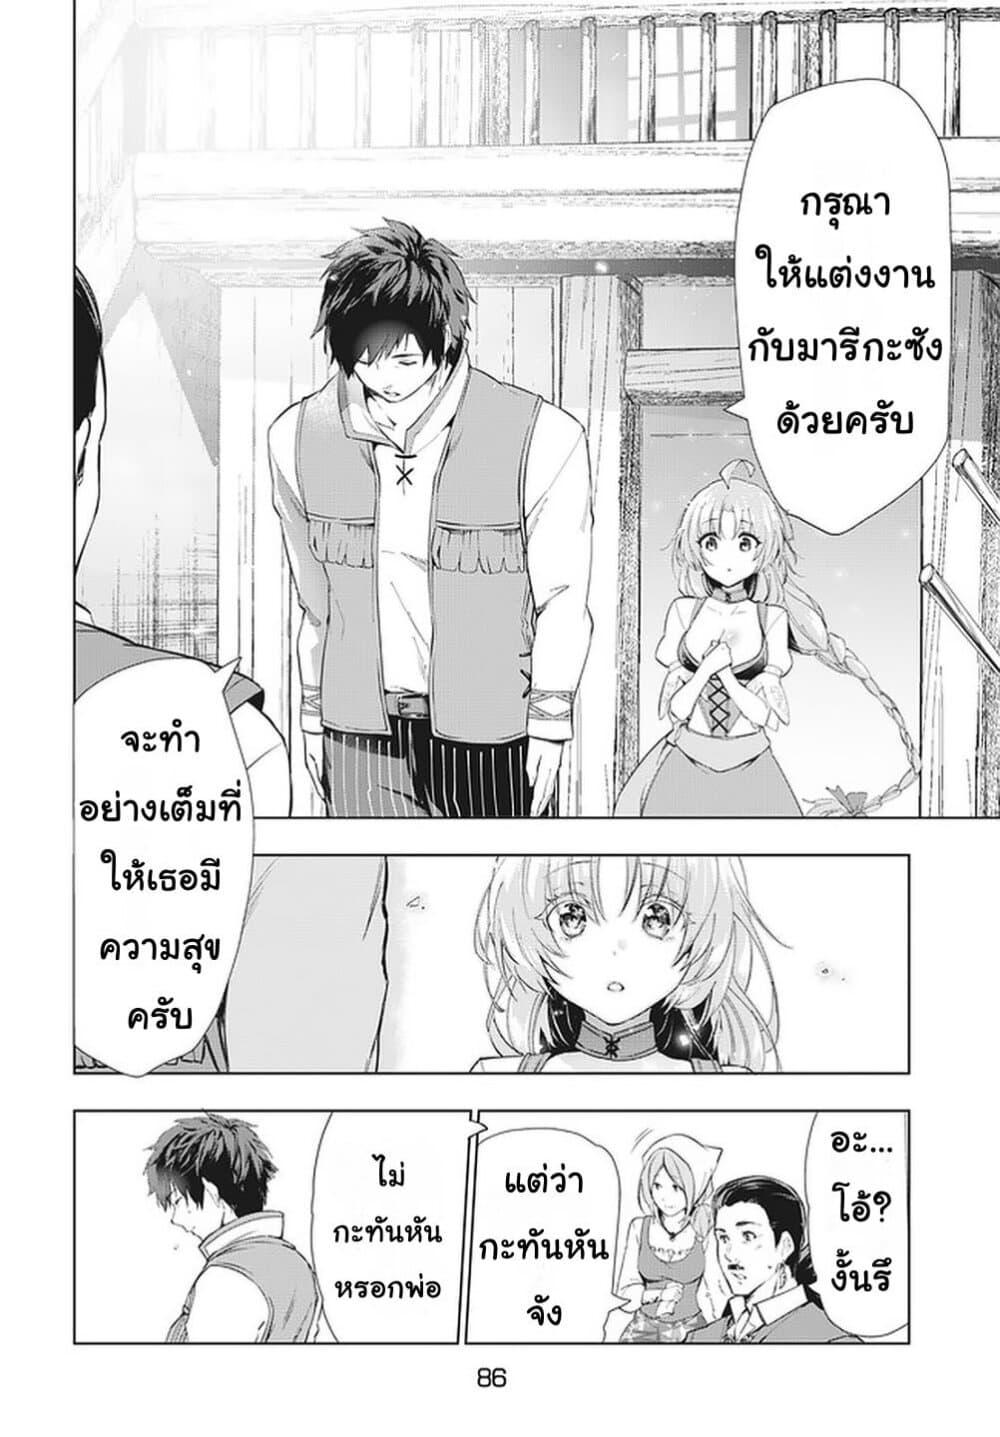 อ่านการ์ตูน Kaiko sareta Ankoku Heishi (30-dai) no Slow na Second ตอนที่ 13.1 หน้าที่ 12